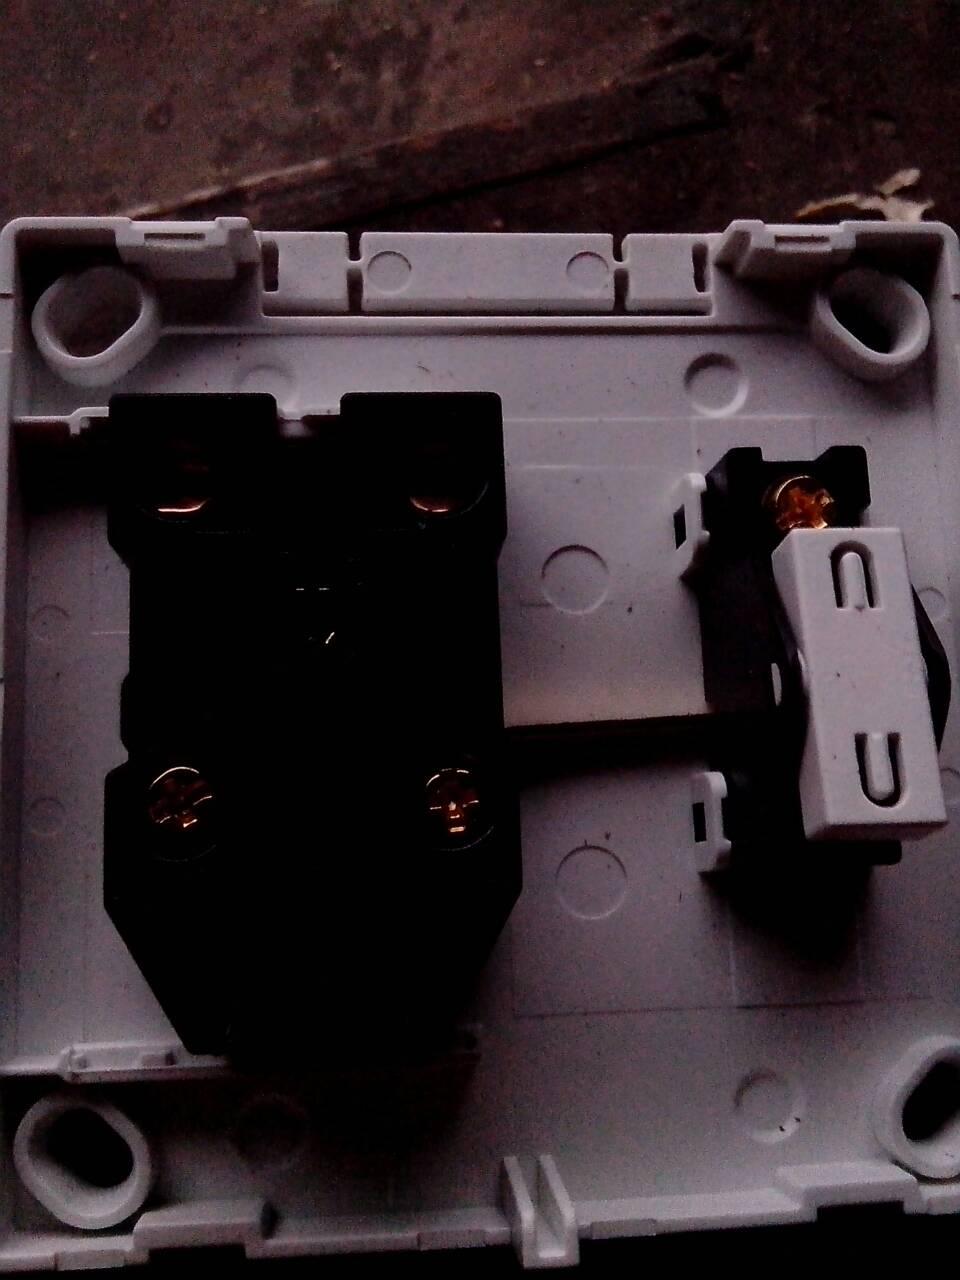 追问我都试了啊把灯的零线火线都接到插座也试了但就是没有用啊